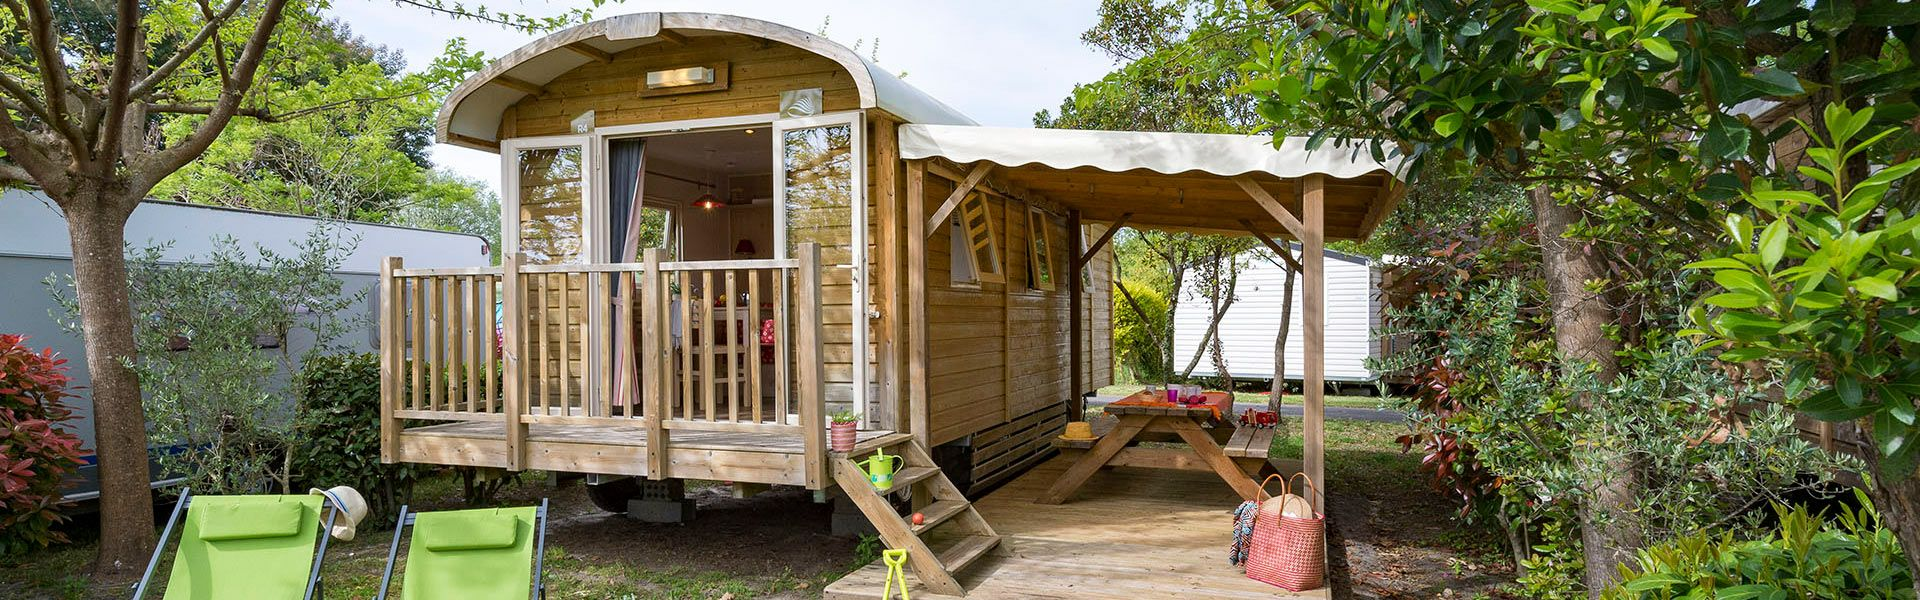 Camping Woonwagens